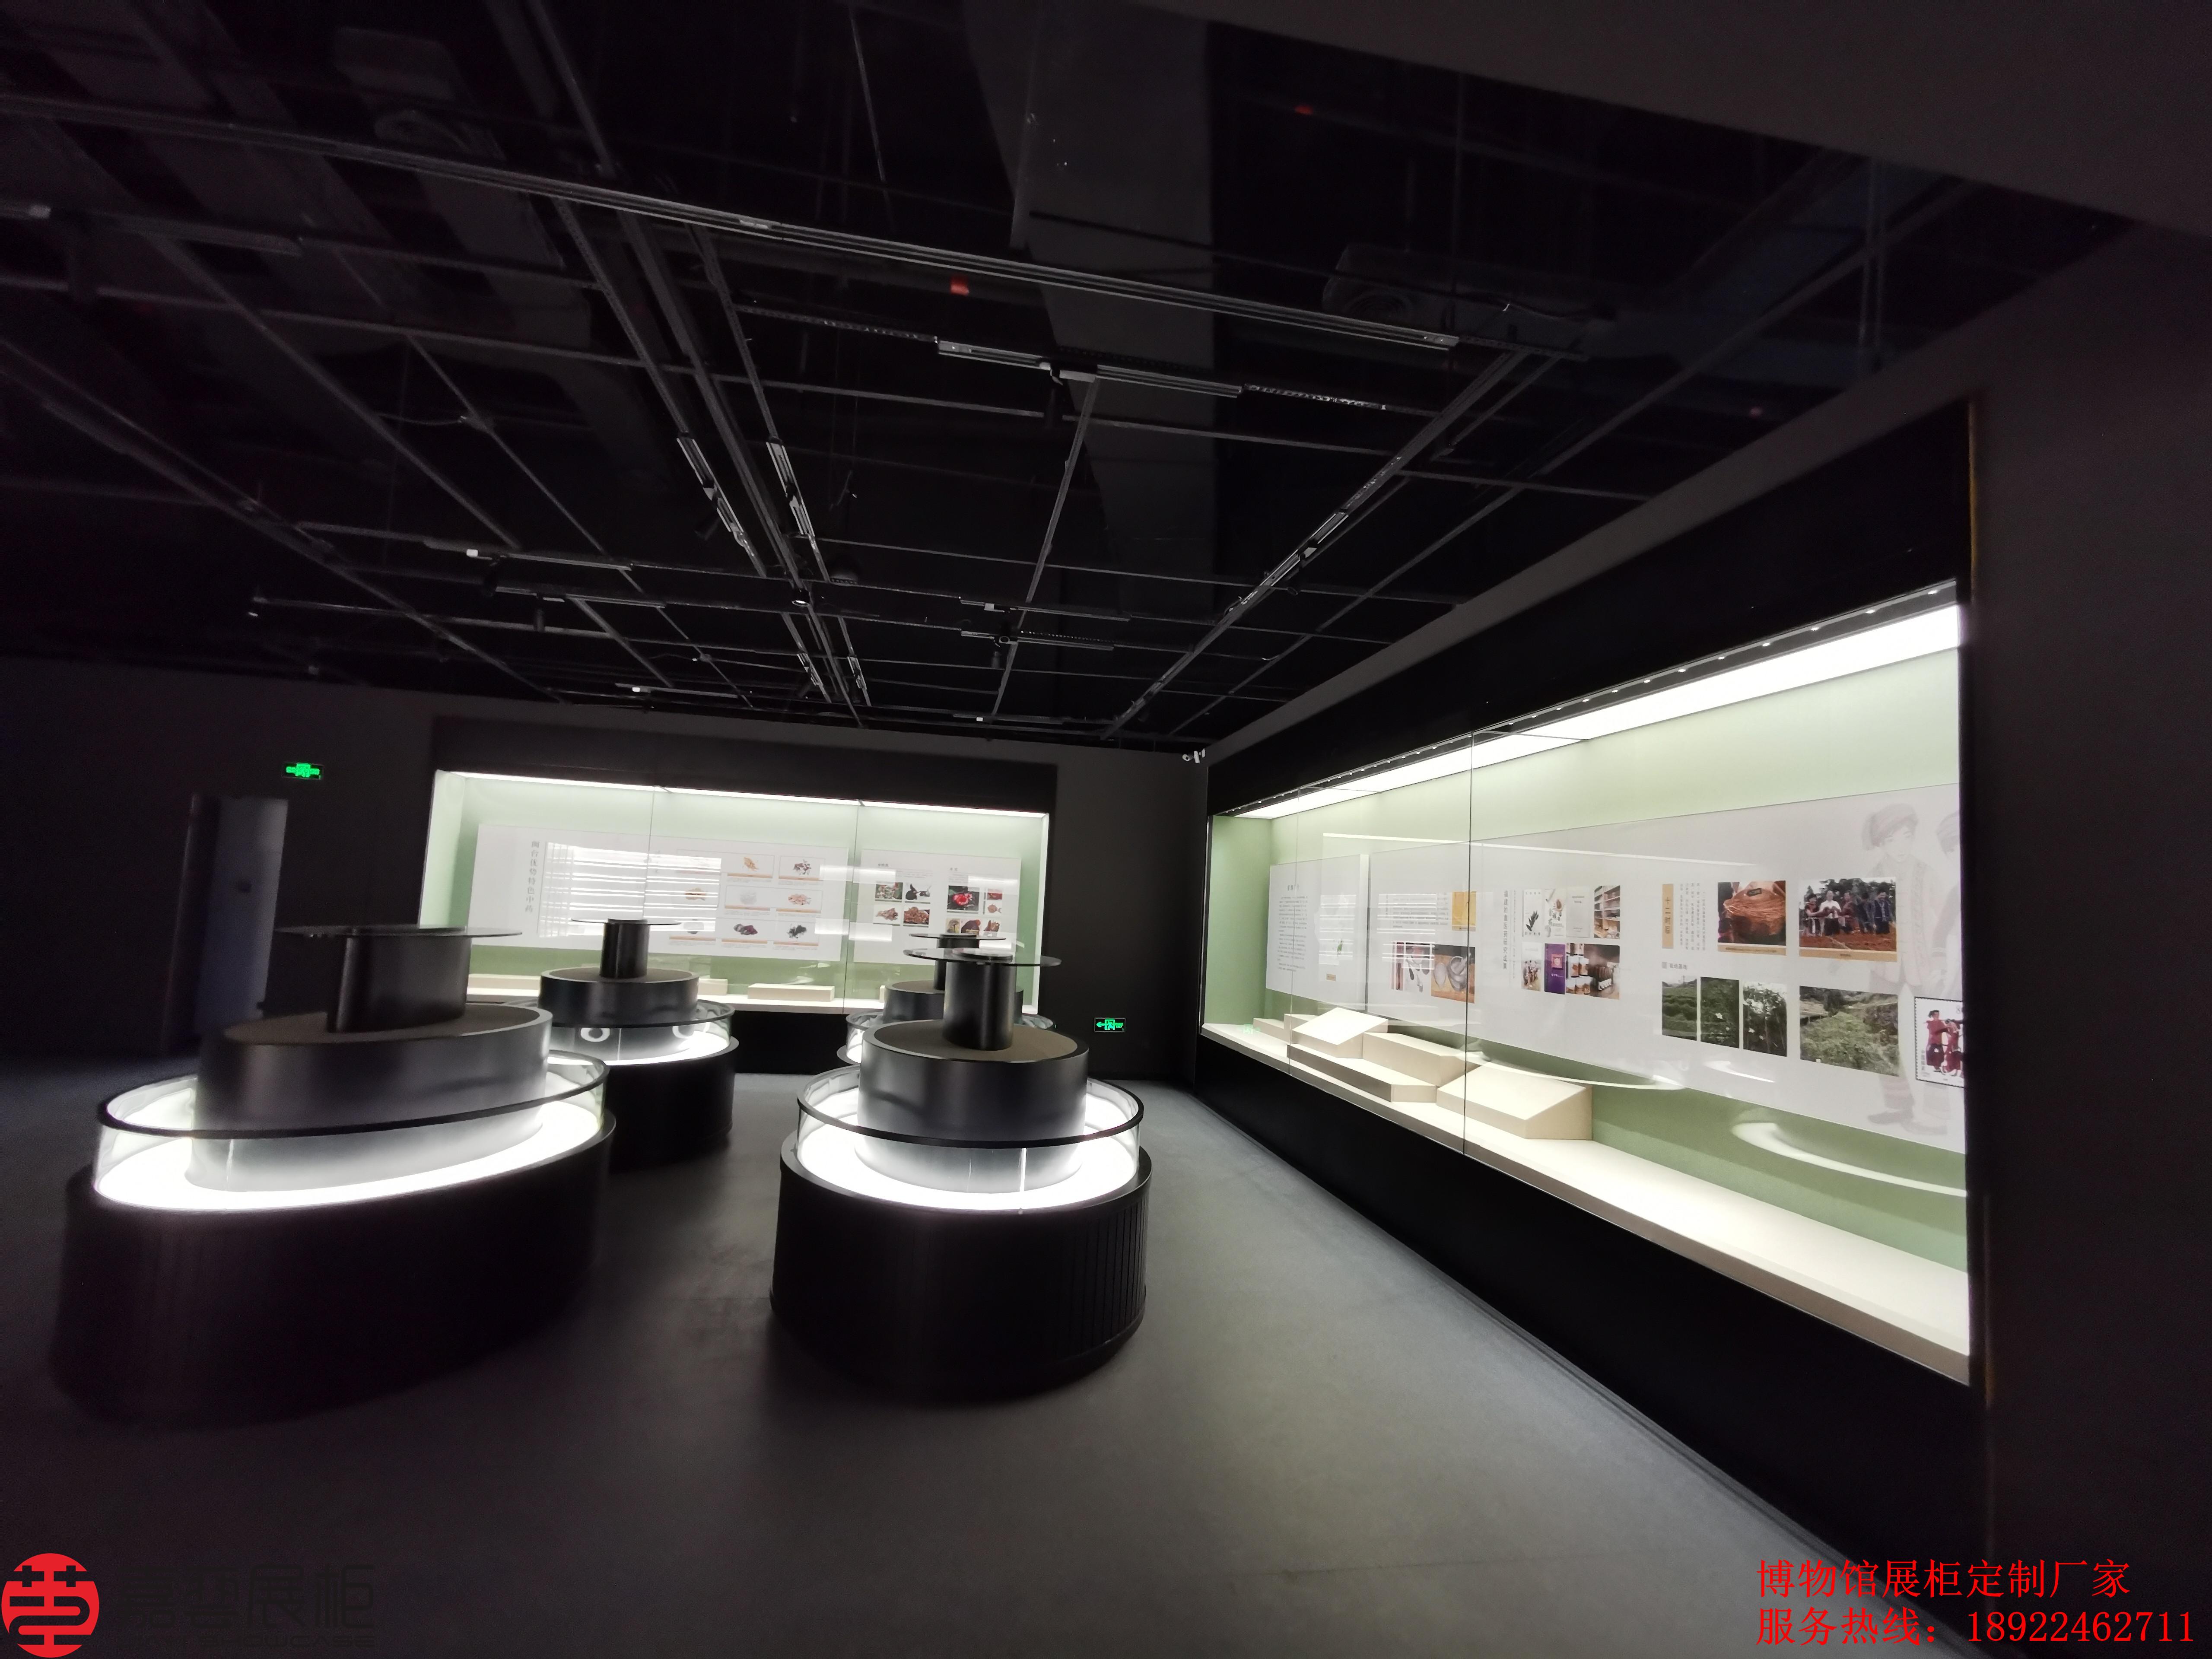 博物馆展柜里的文物照片为何拍不出效果?嘉艺展柜为您解答